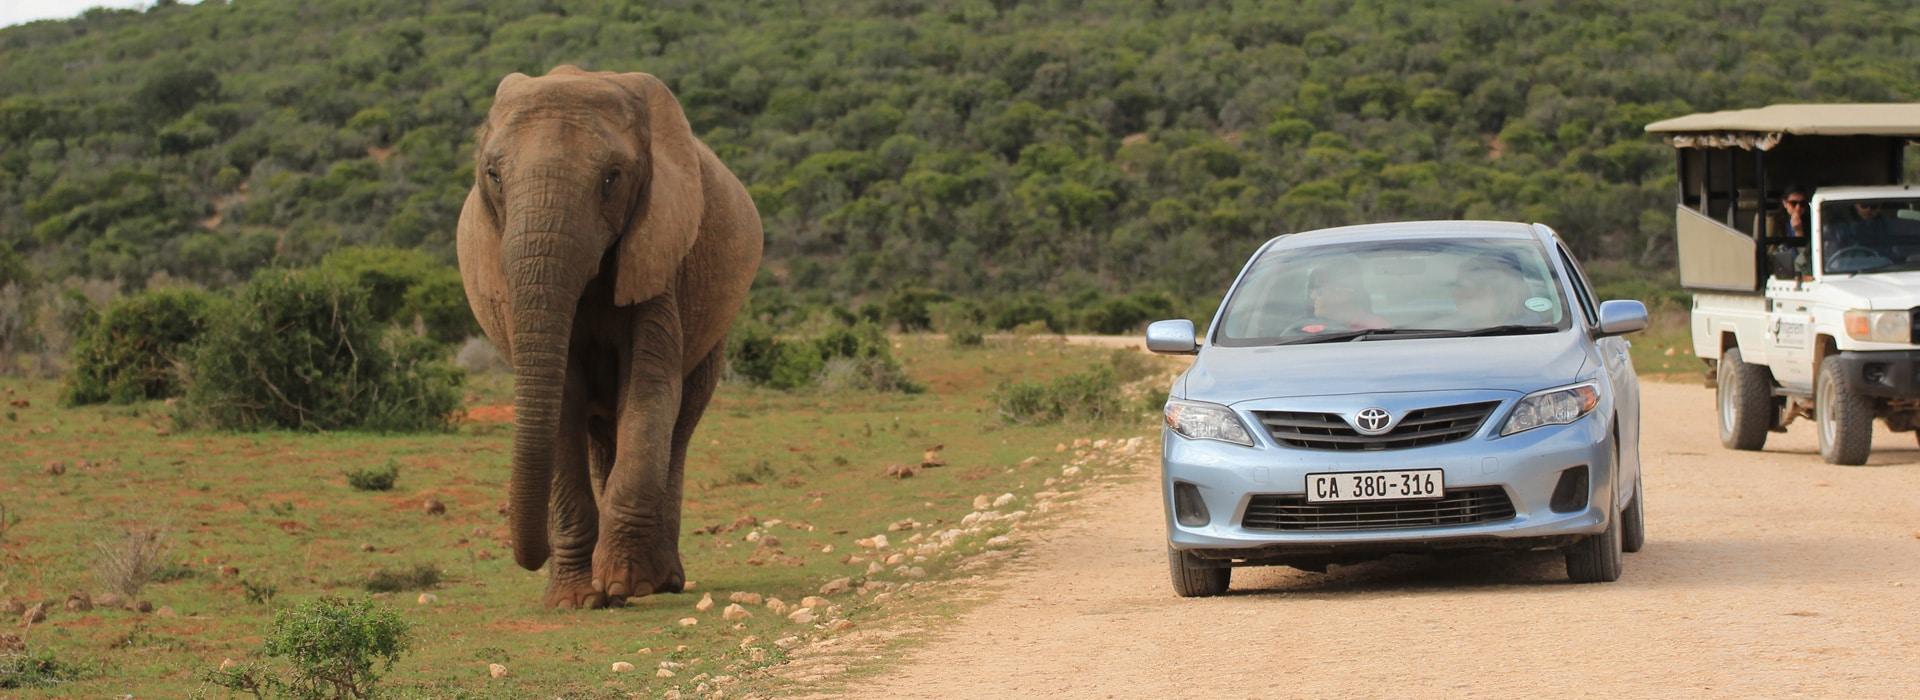 Elefant neben Mietwagen